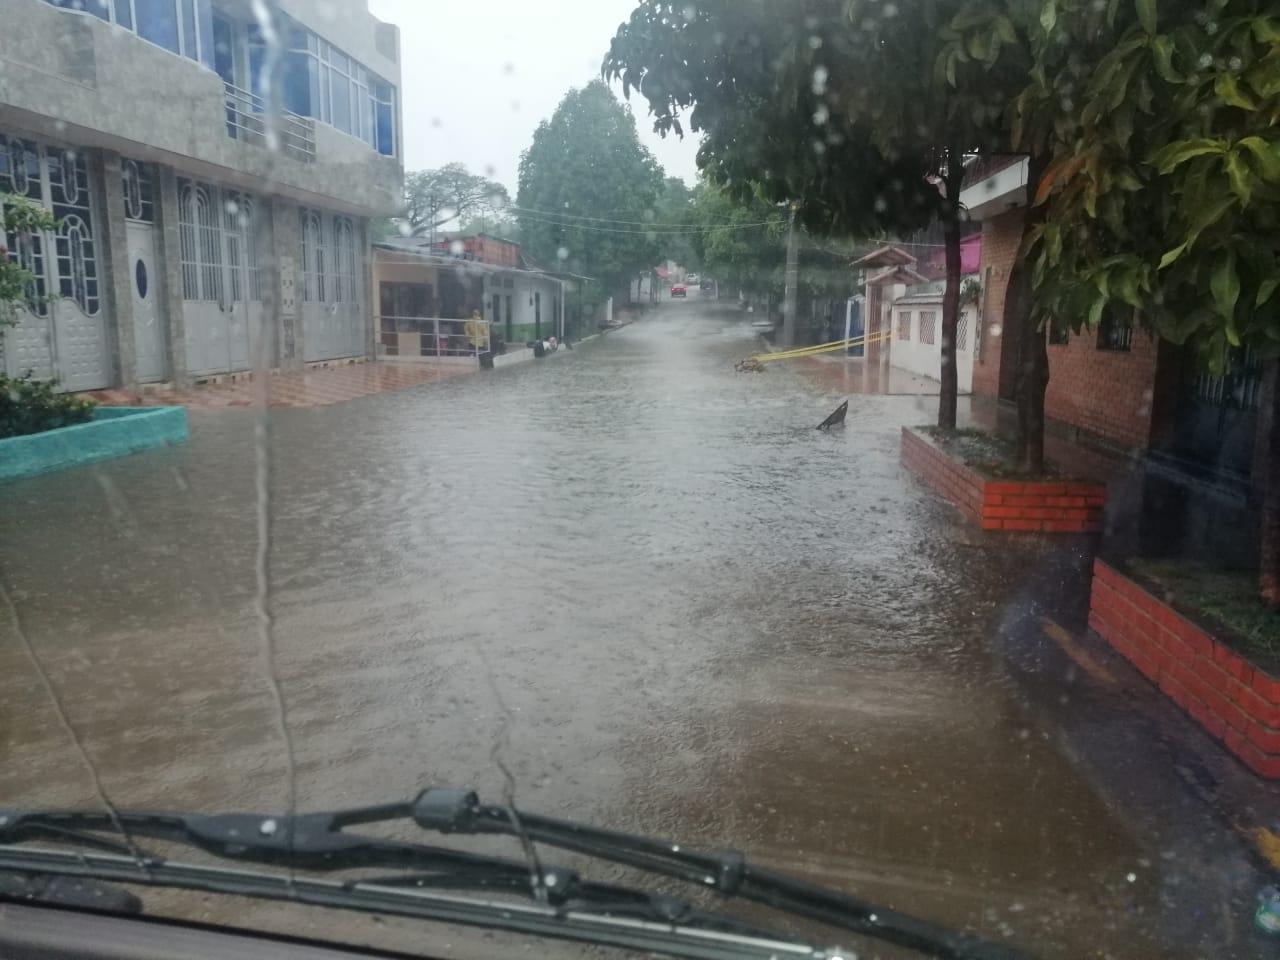 Fotos: Casas afectadas y cultivos perdidos por fuertes lluvias en Villhermosa y Carmen de Apicalá